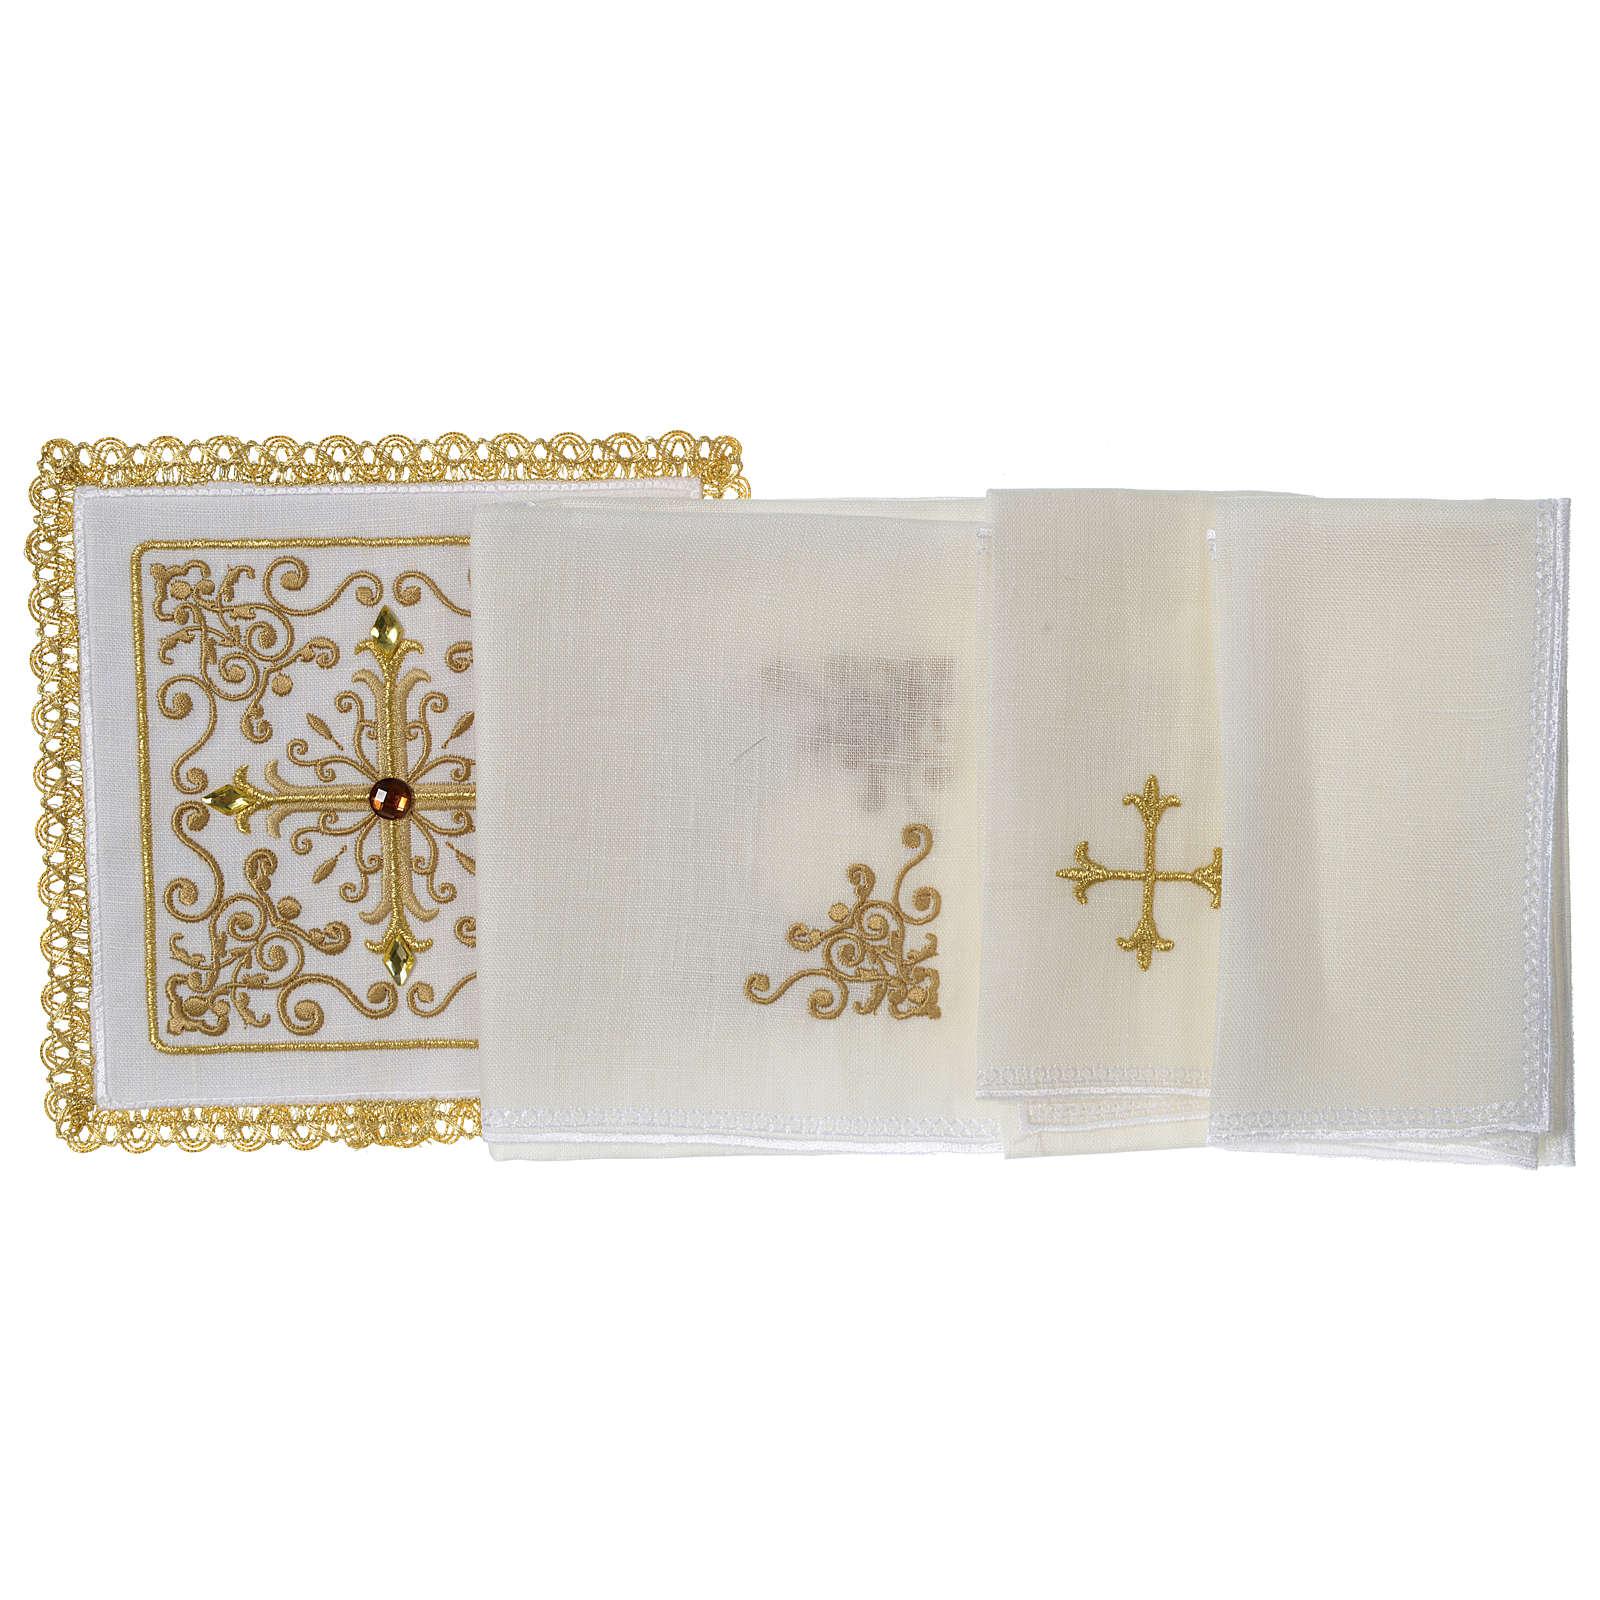 Kelchwäsche Kreuz und Perlen 100% Leinen 4